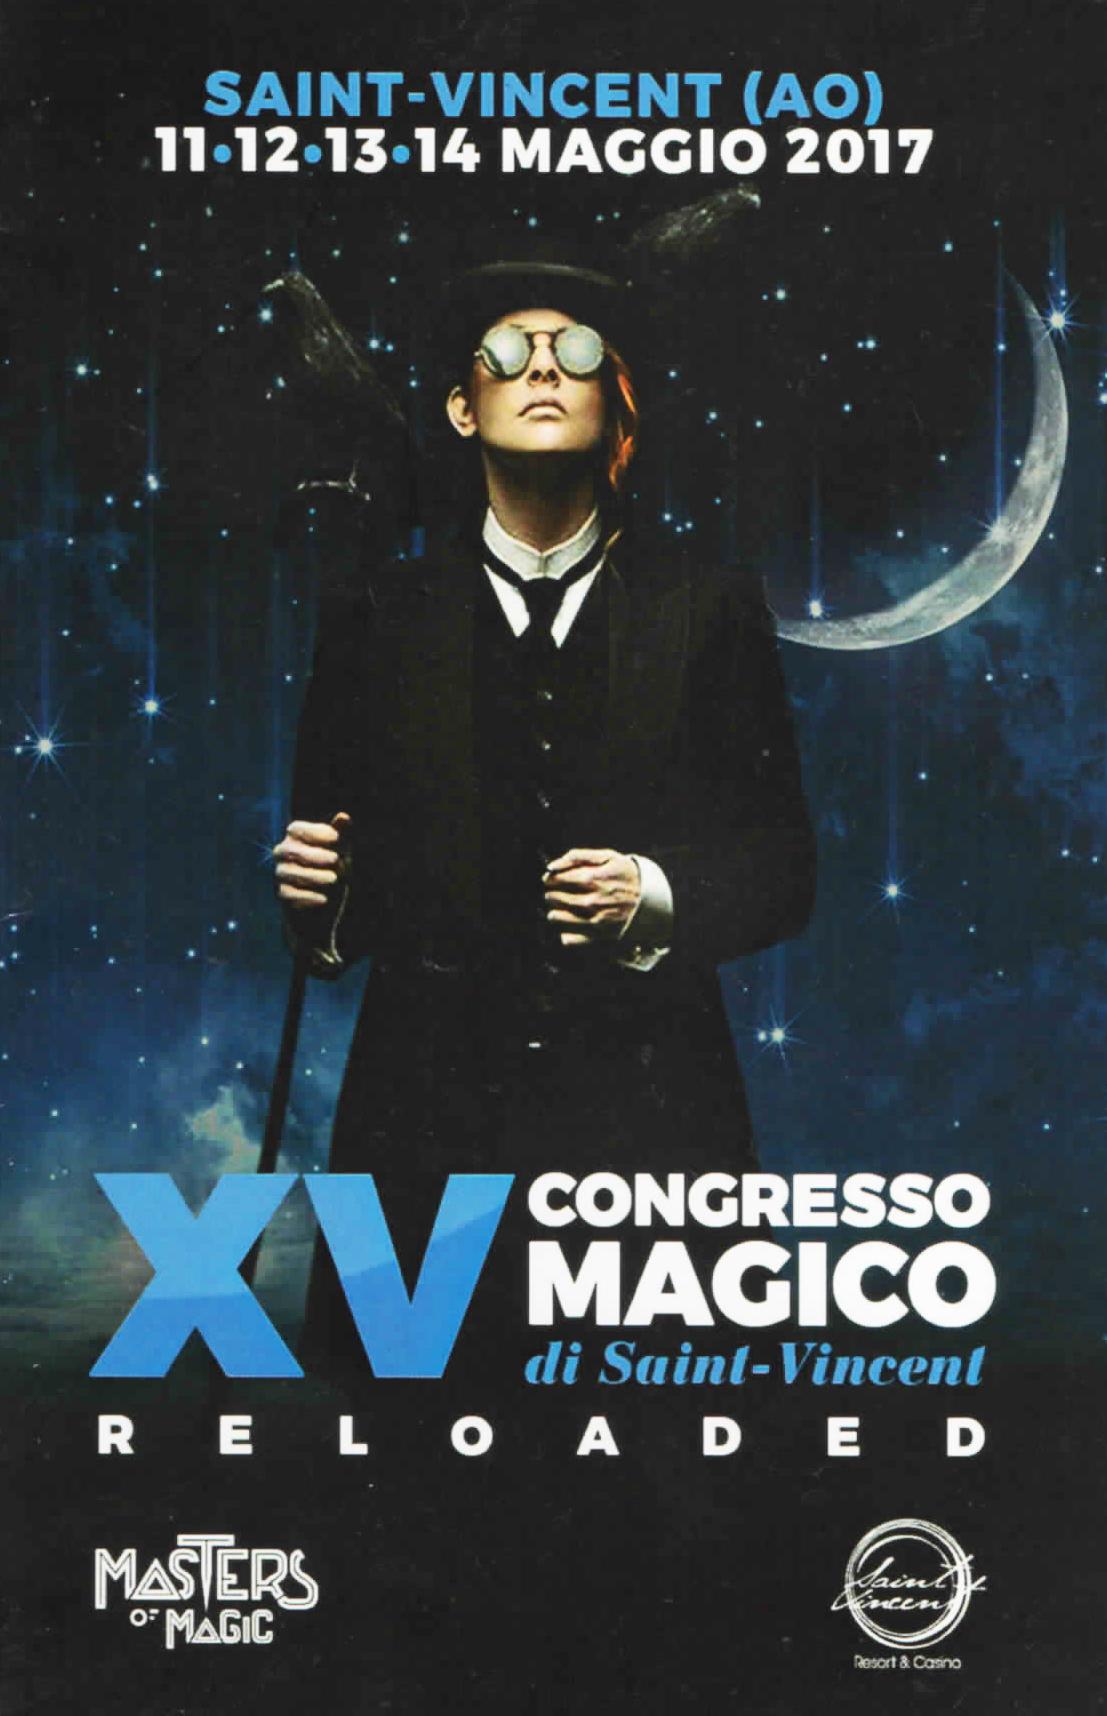 XV Congresso Magico di Saint-Vincent